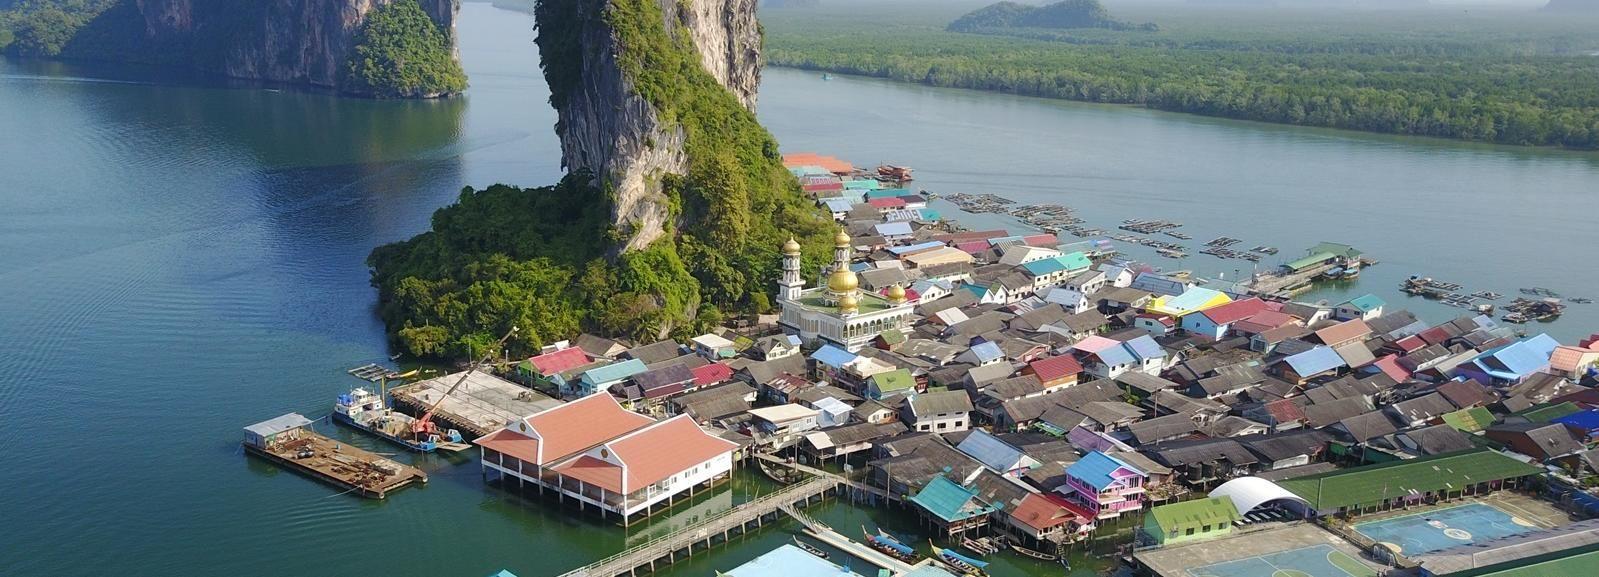 Phuket: excursión a la Bahía de Phang Nga en lancha y canoa